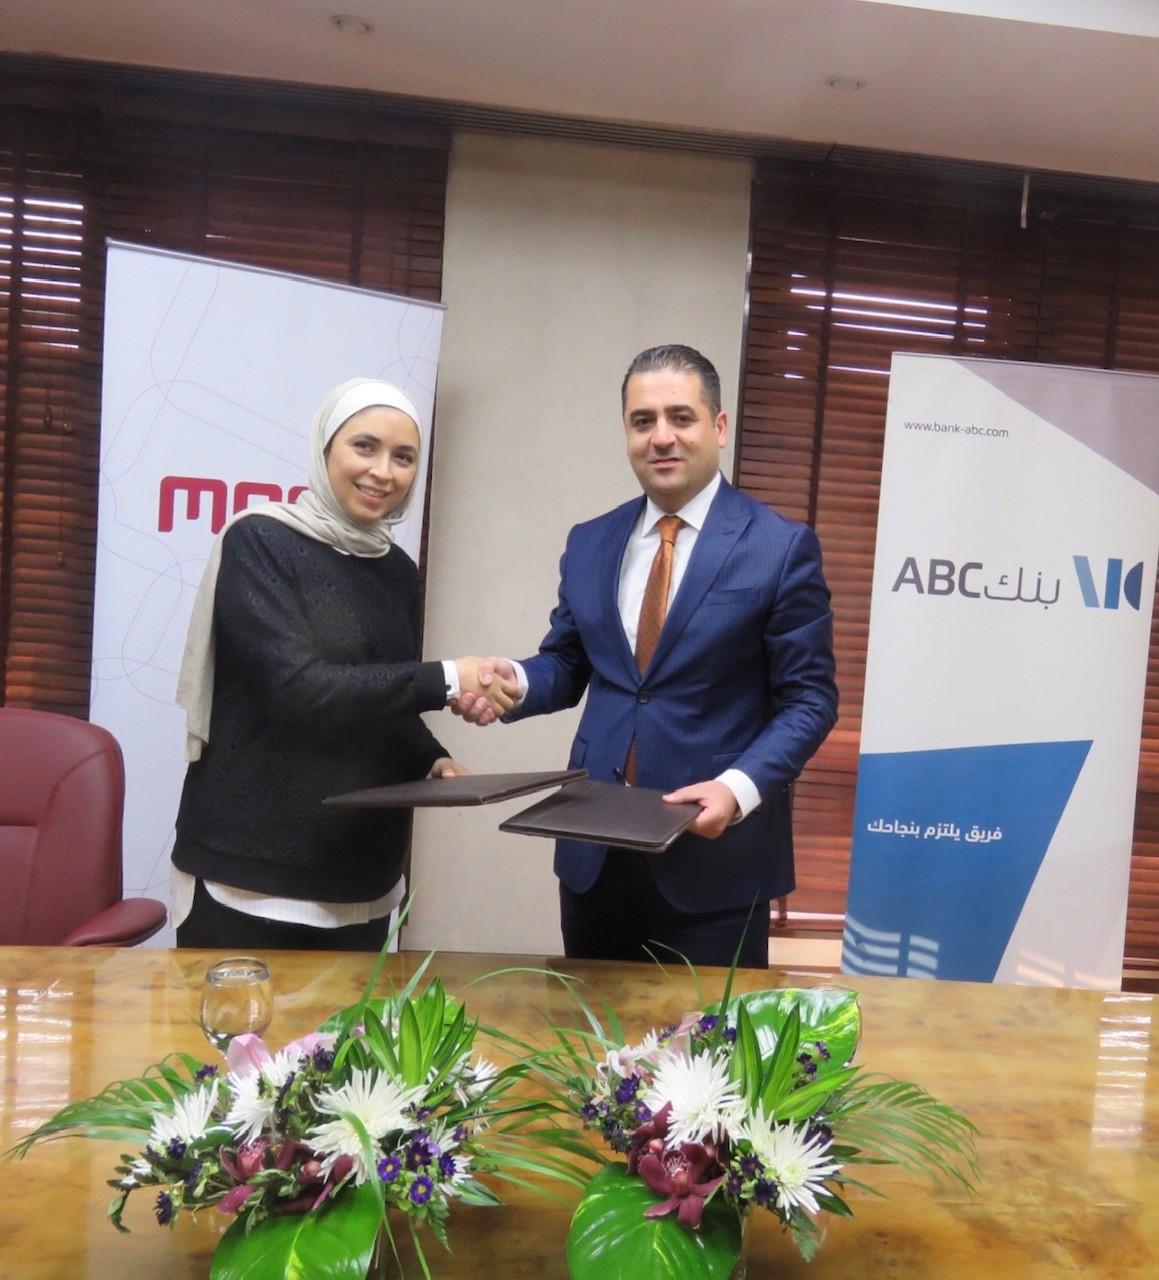 بنك ABC الأردن والشرق الأوسط لخدمات الدفع (MEPS) يوقعان اتفاقية تعاون مشترك